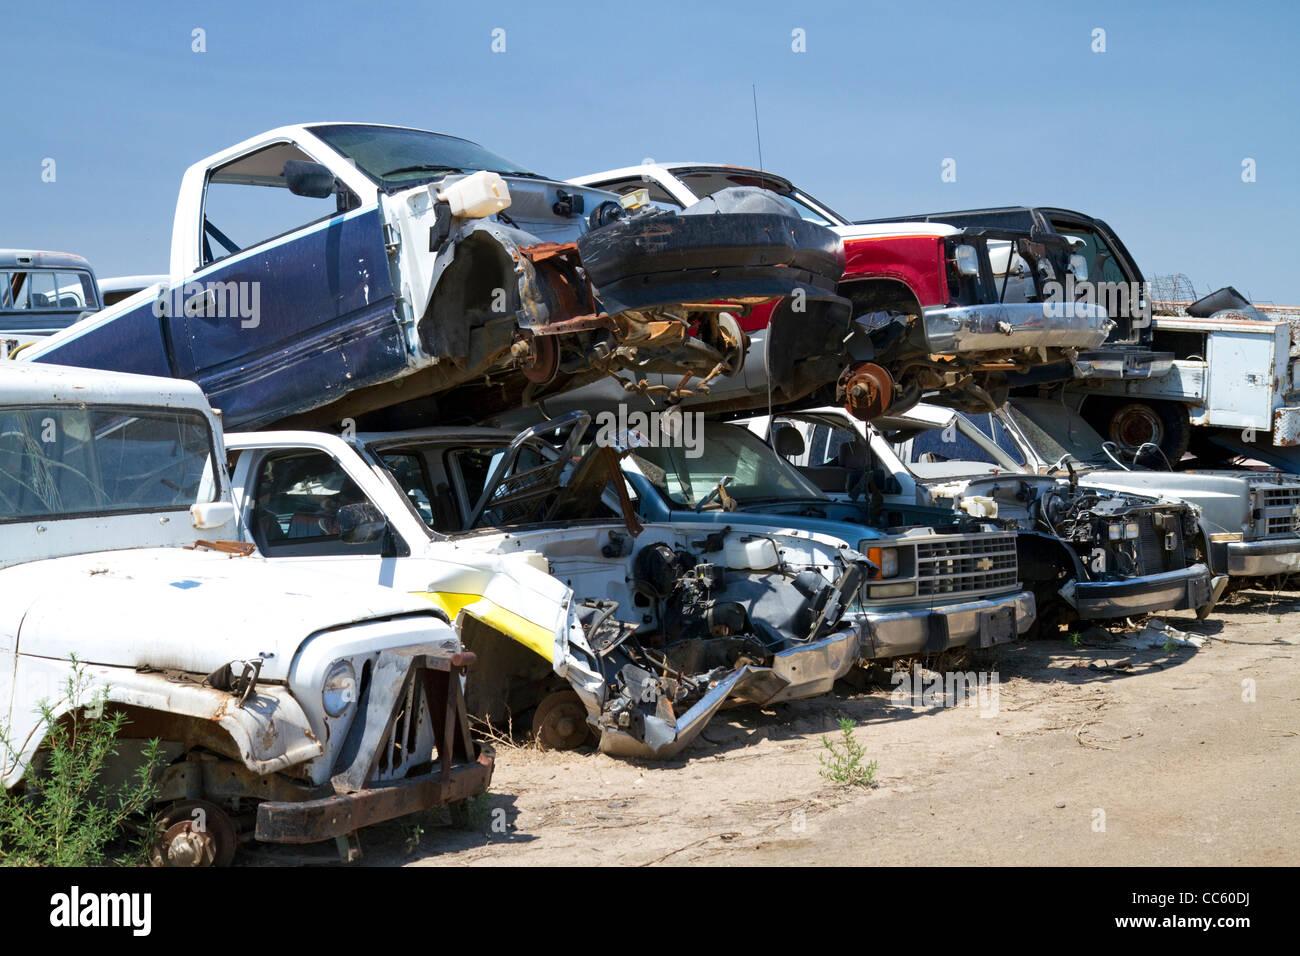 Démontage d'automobiles près de Caldwell, Idaho, USA. Photo Stock